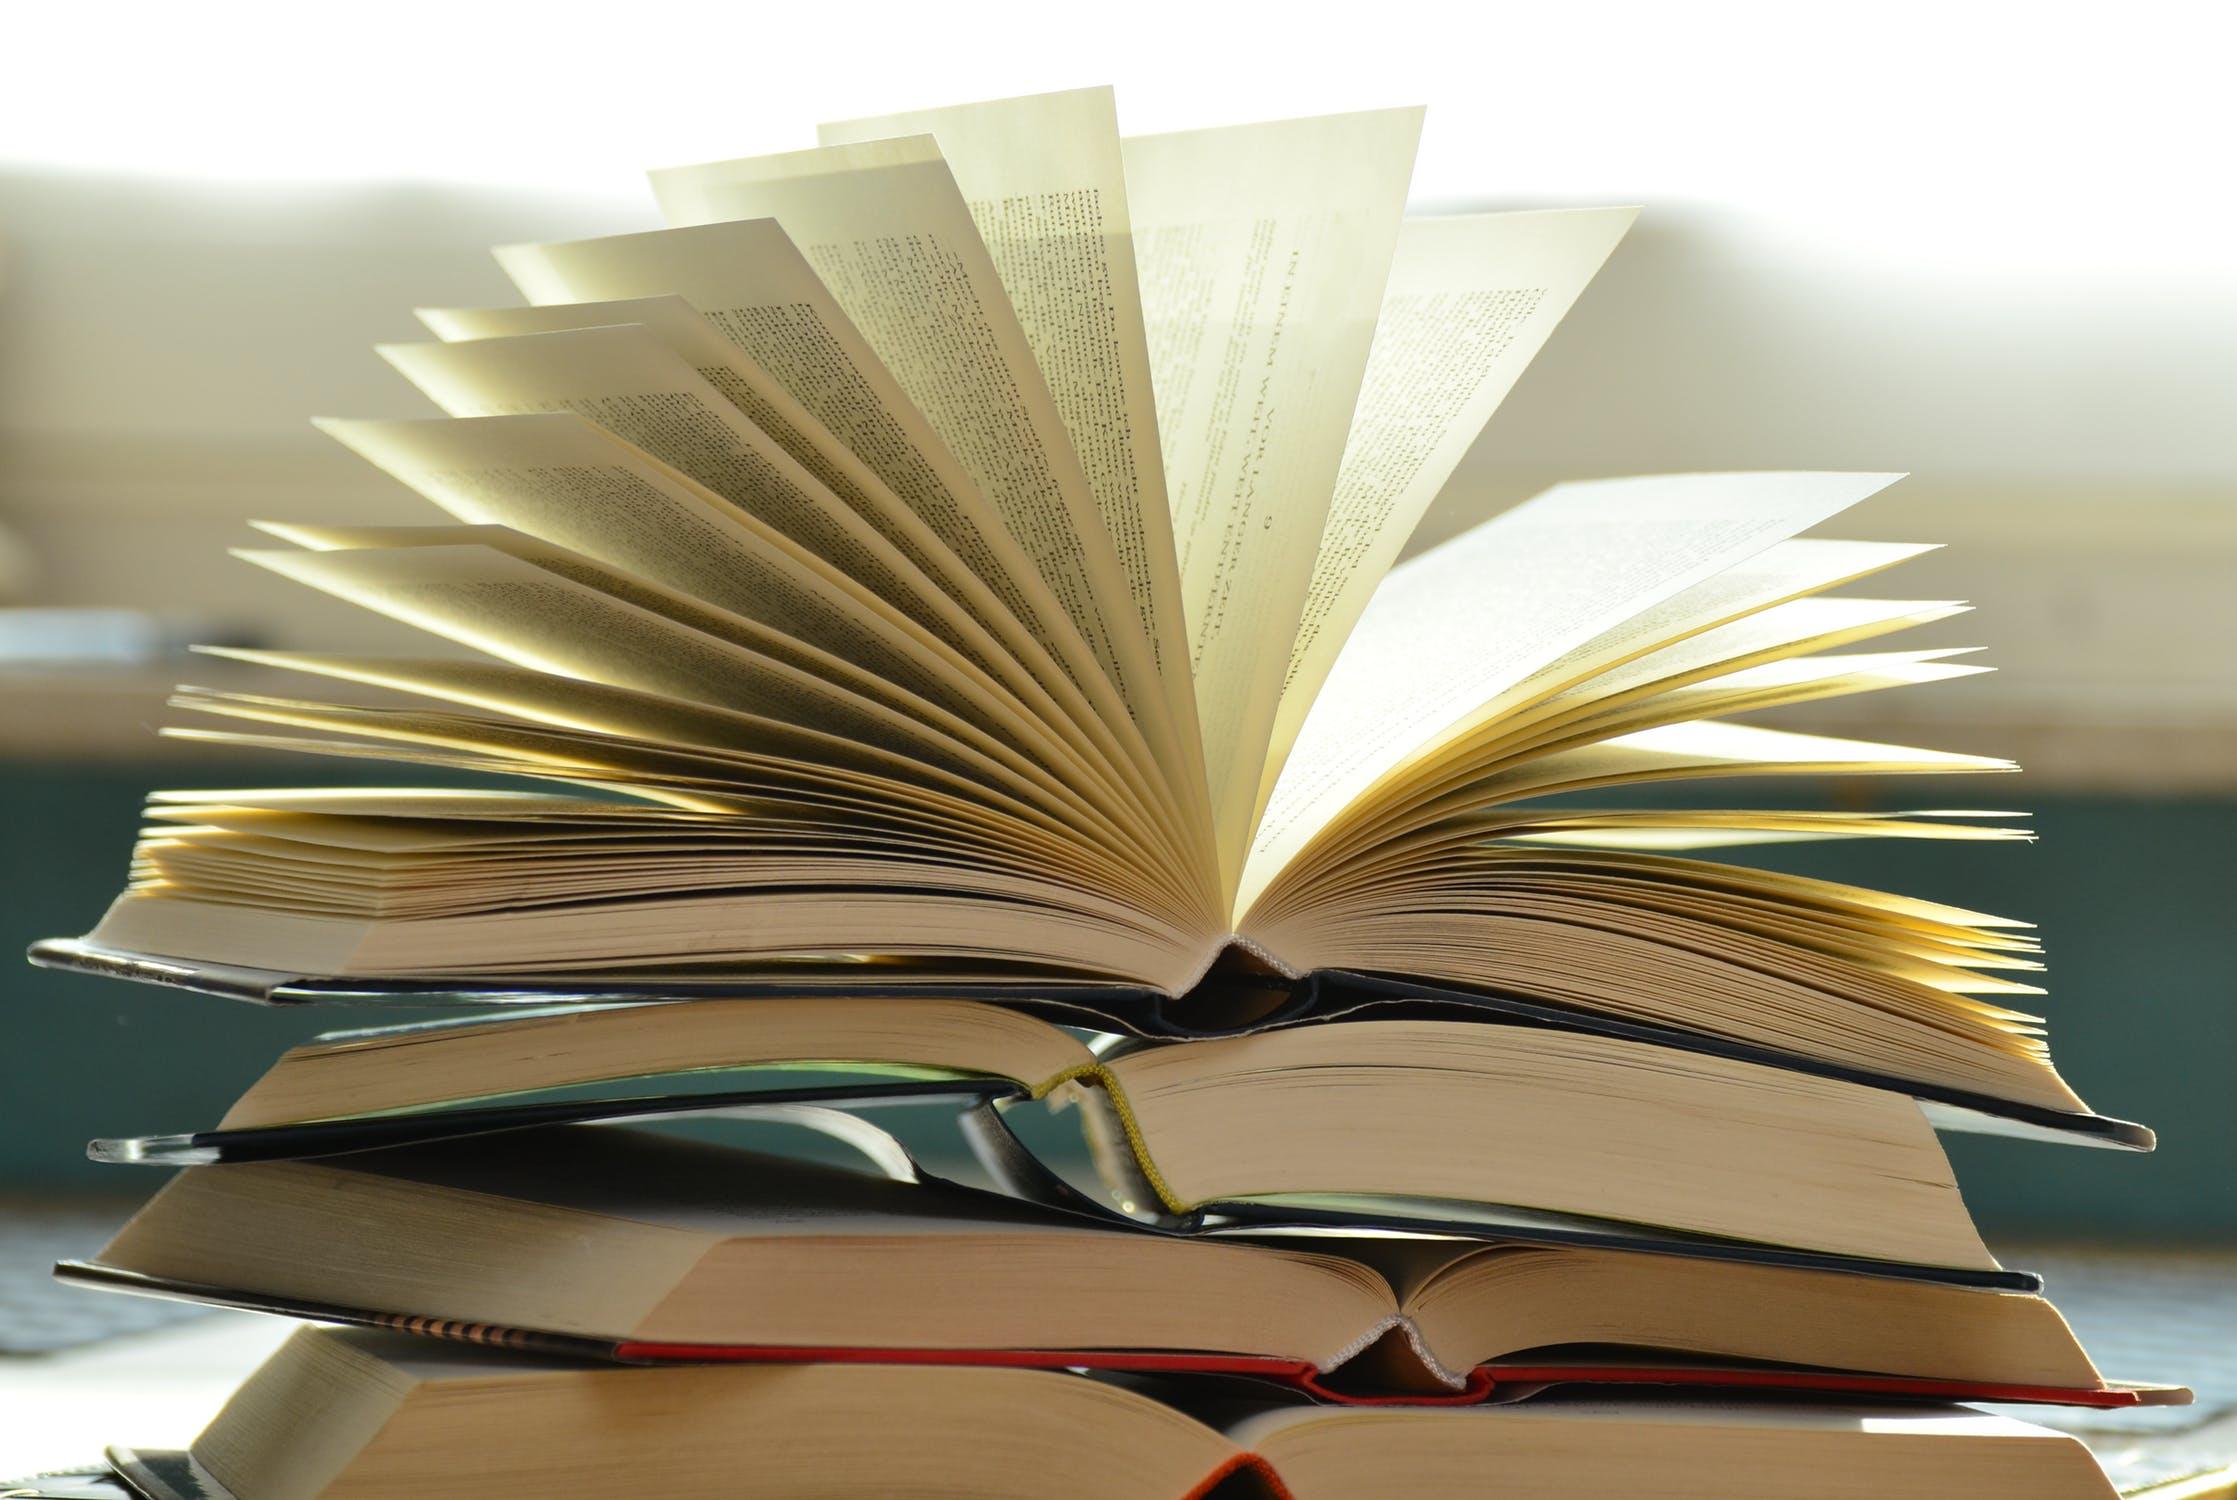 Geöffnete Bücher aufeinander